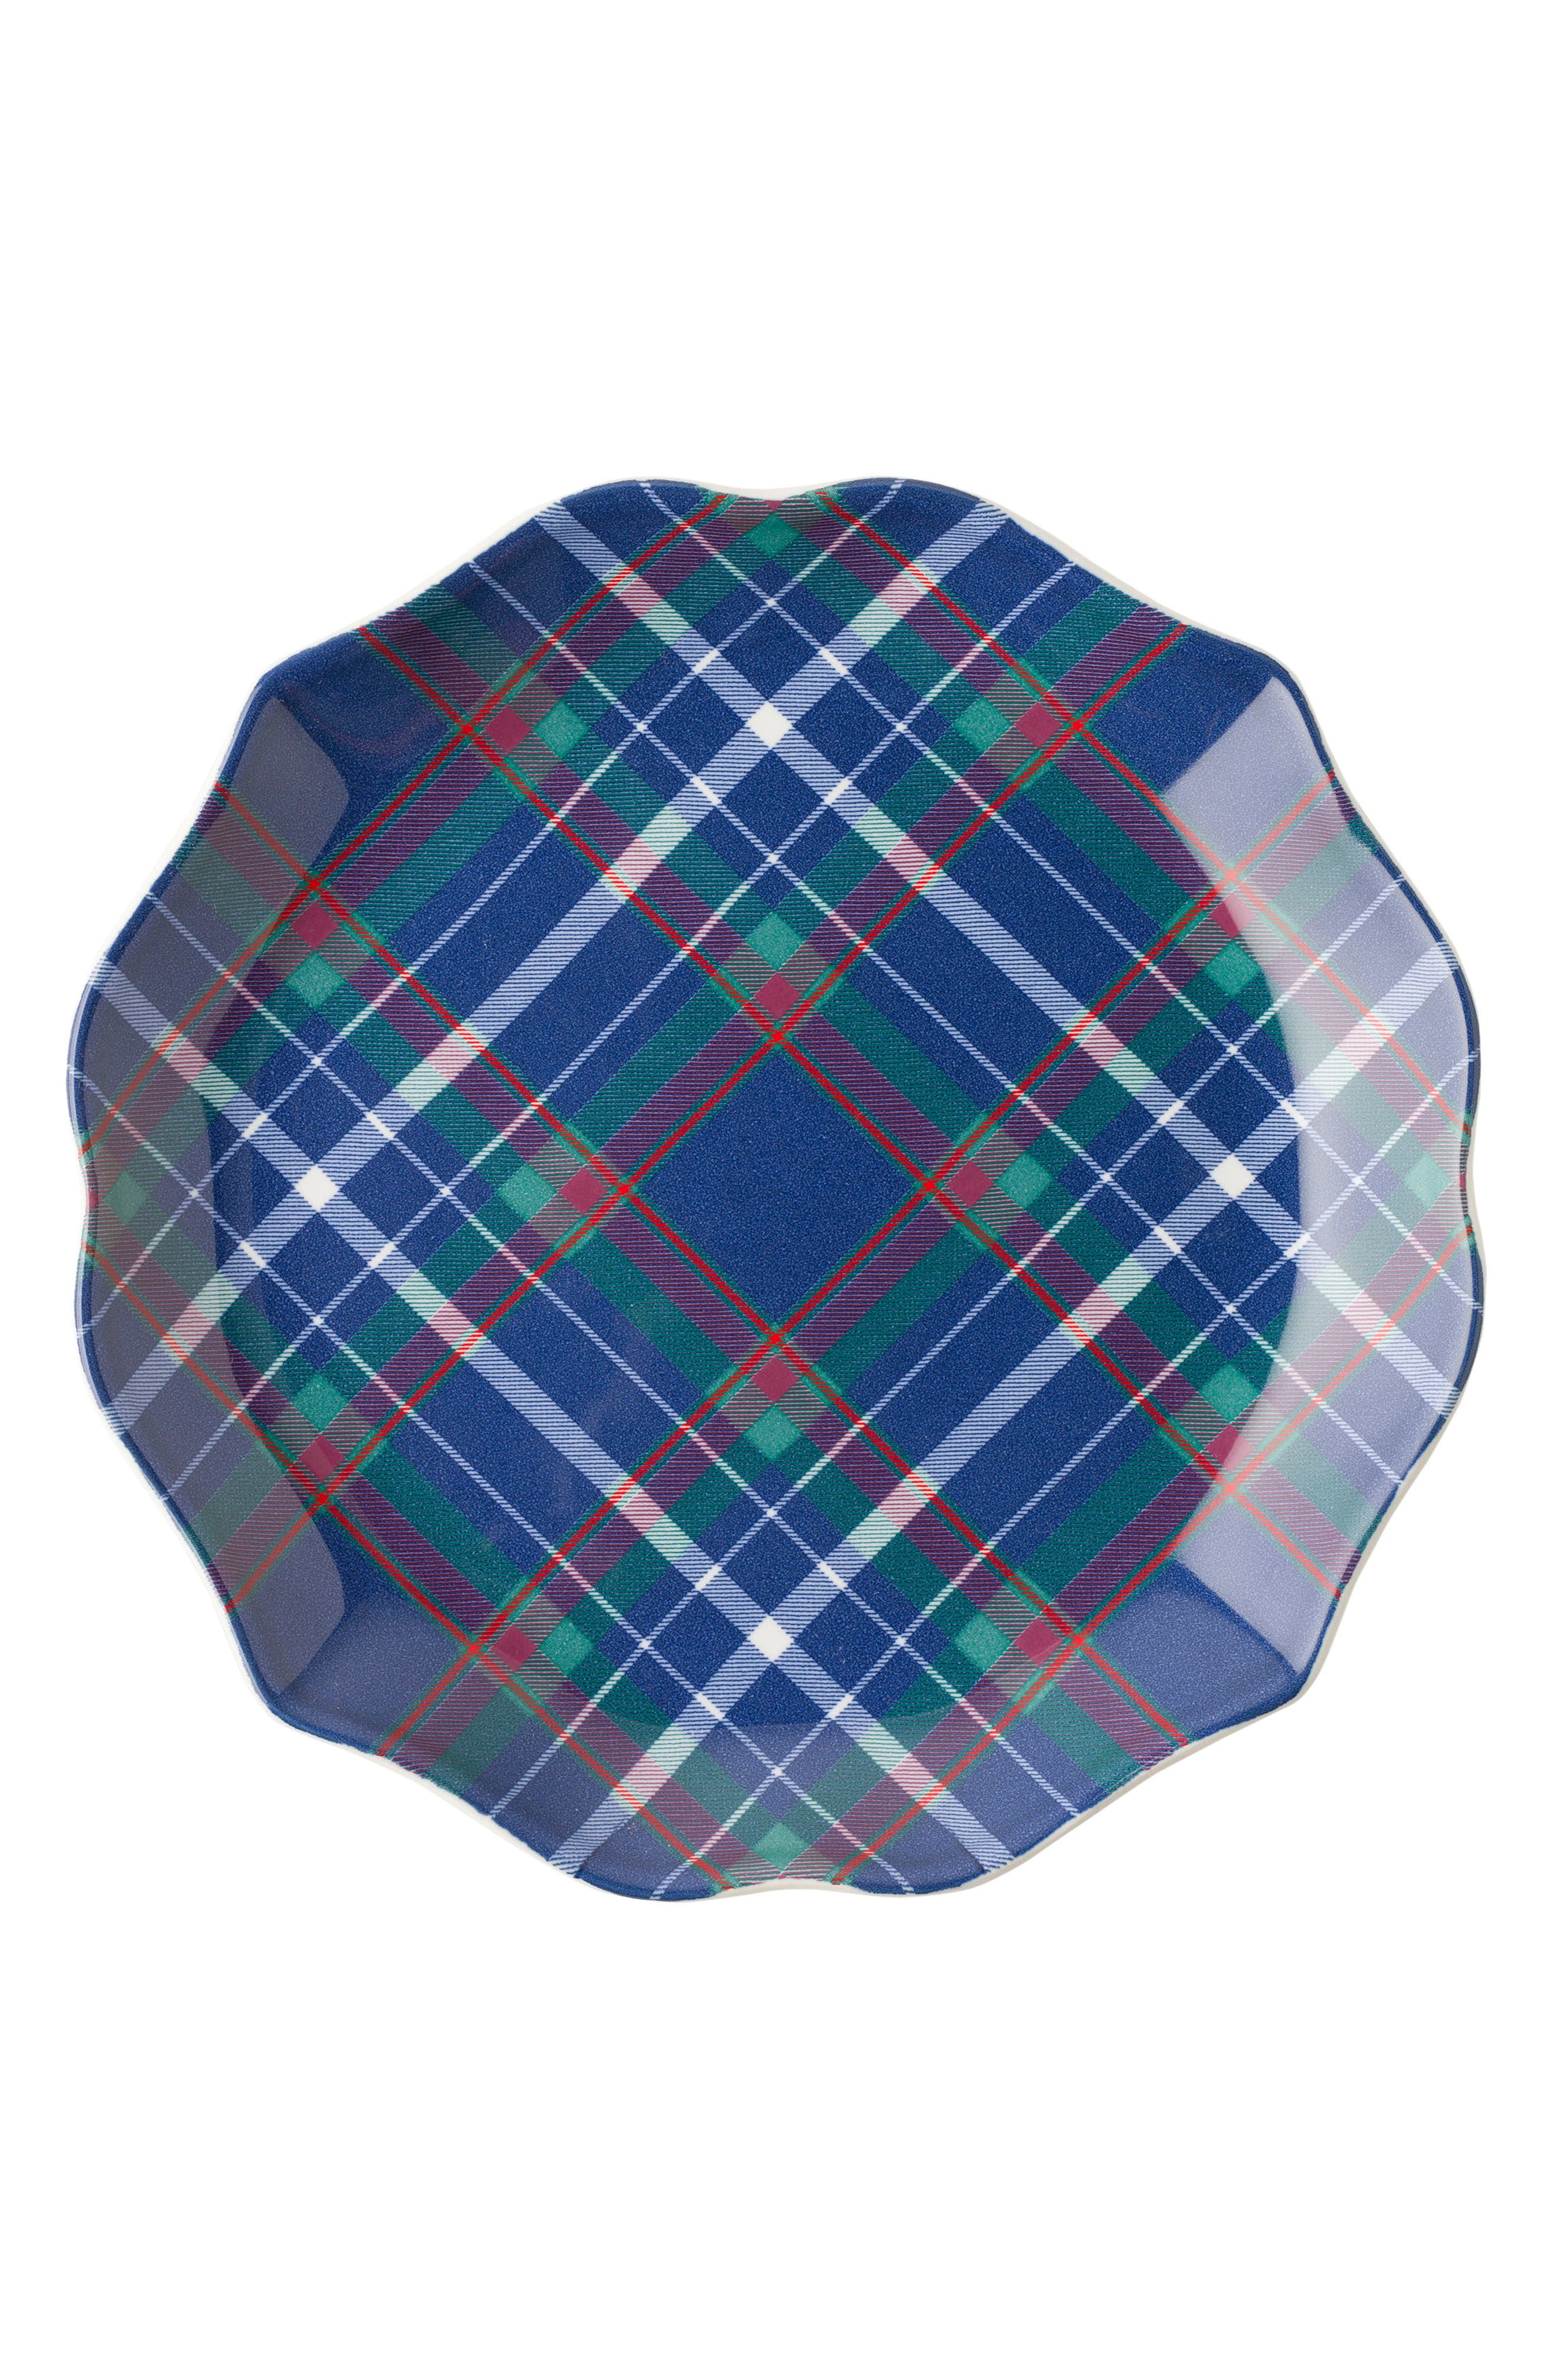 New Traditions - Tartan Tidbit Set of 4 Plates,                             Alternate thumbnail 4, color,                             Multi